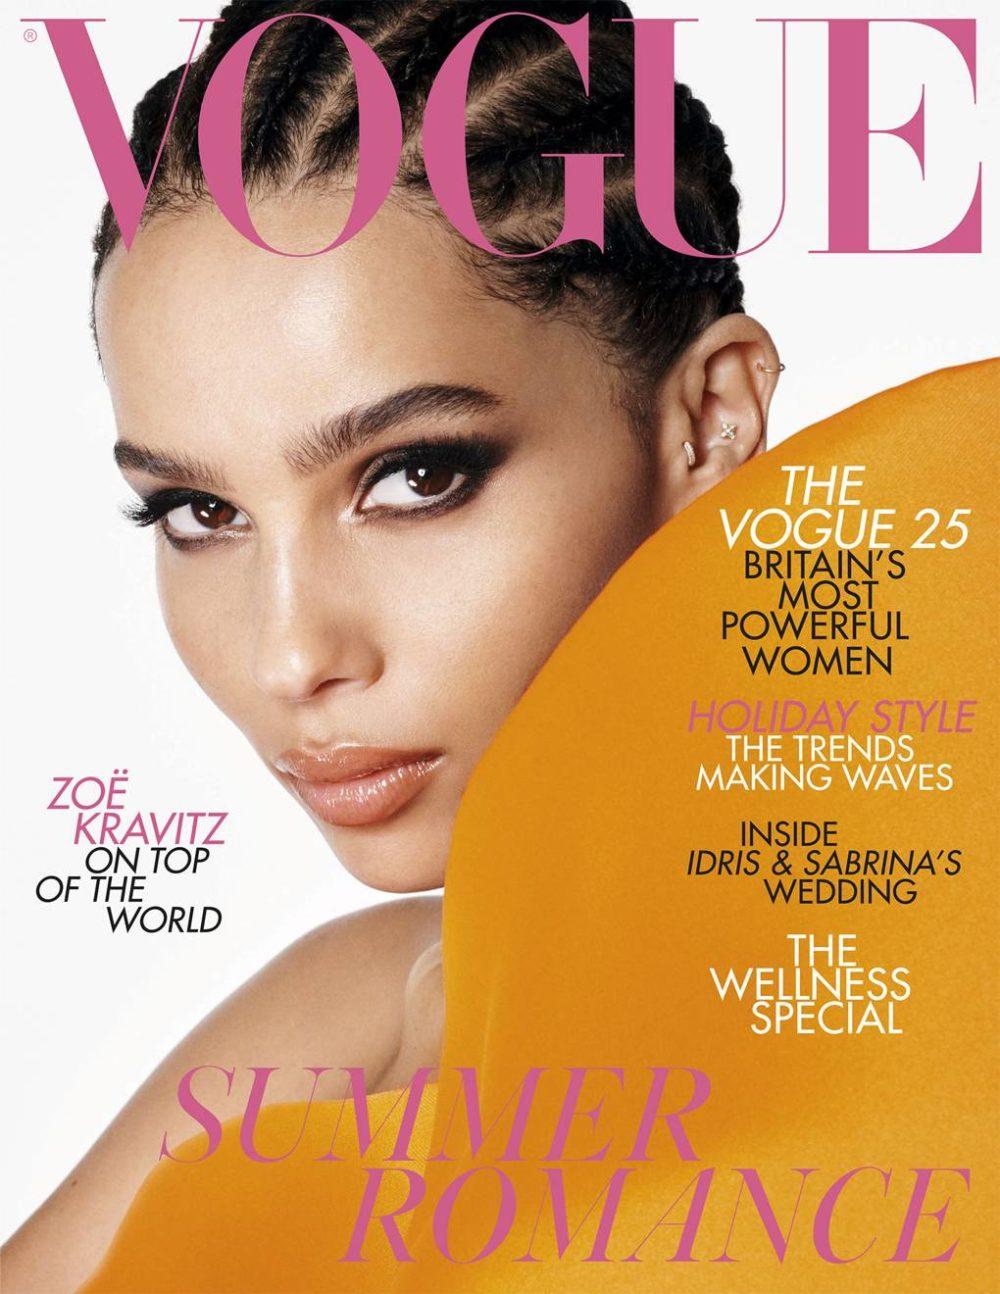 Zöe Kravitz er på coveret av juliutgaven av Vogue UK